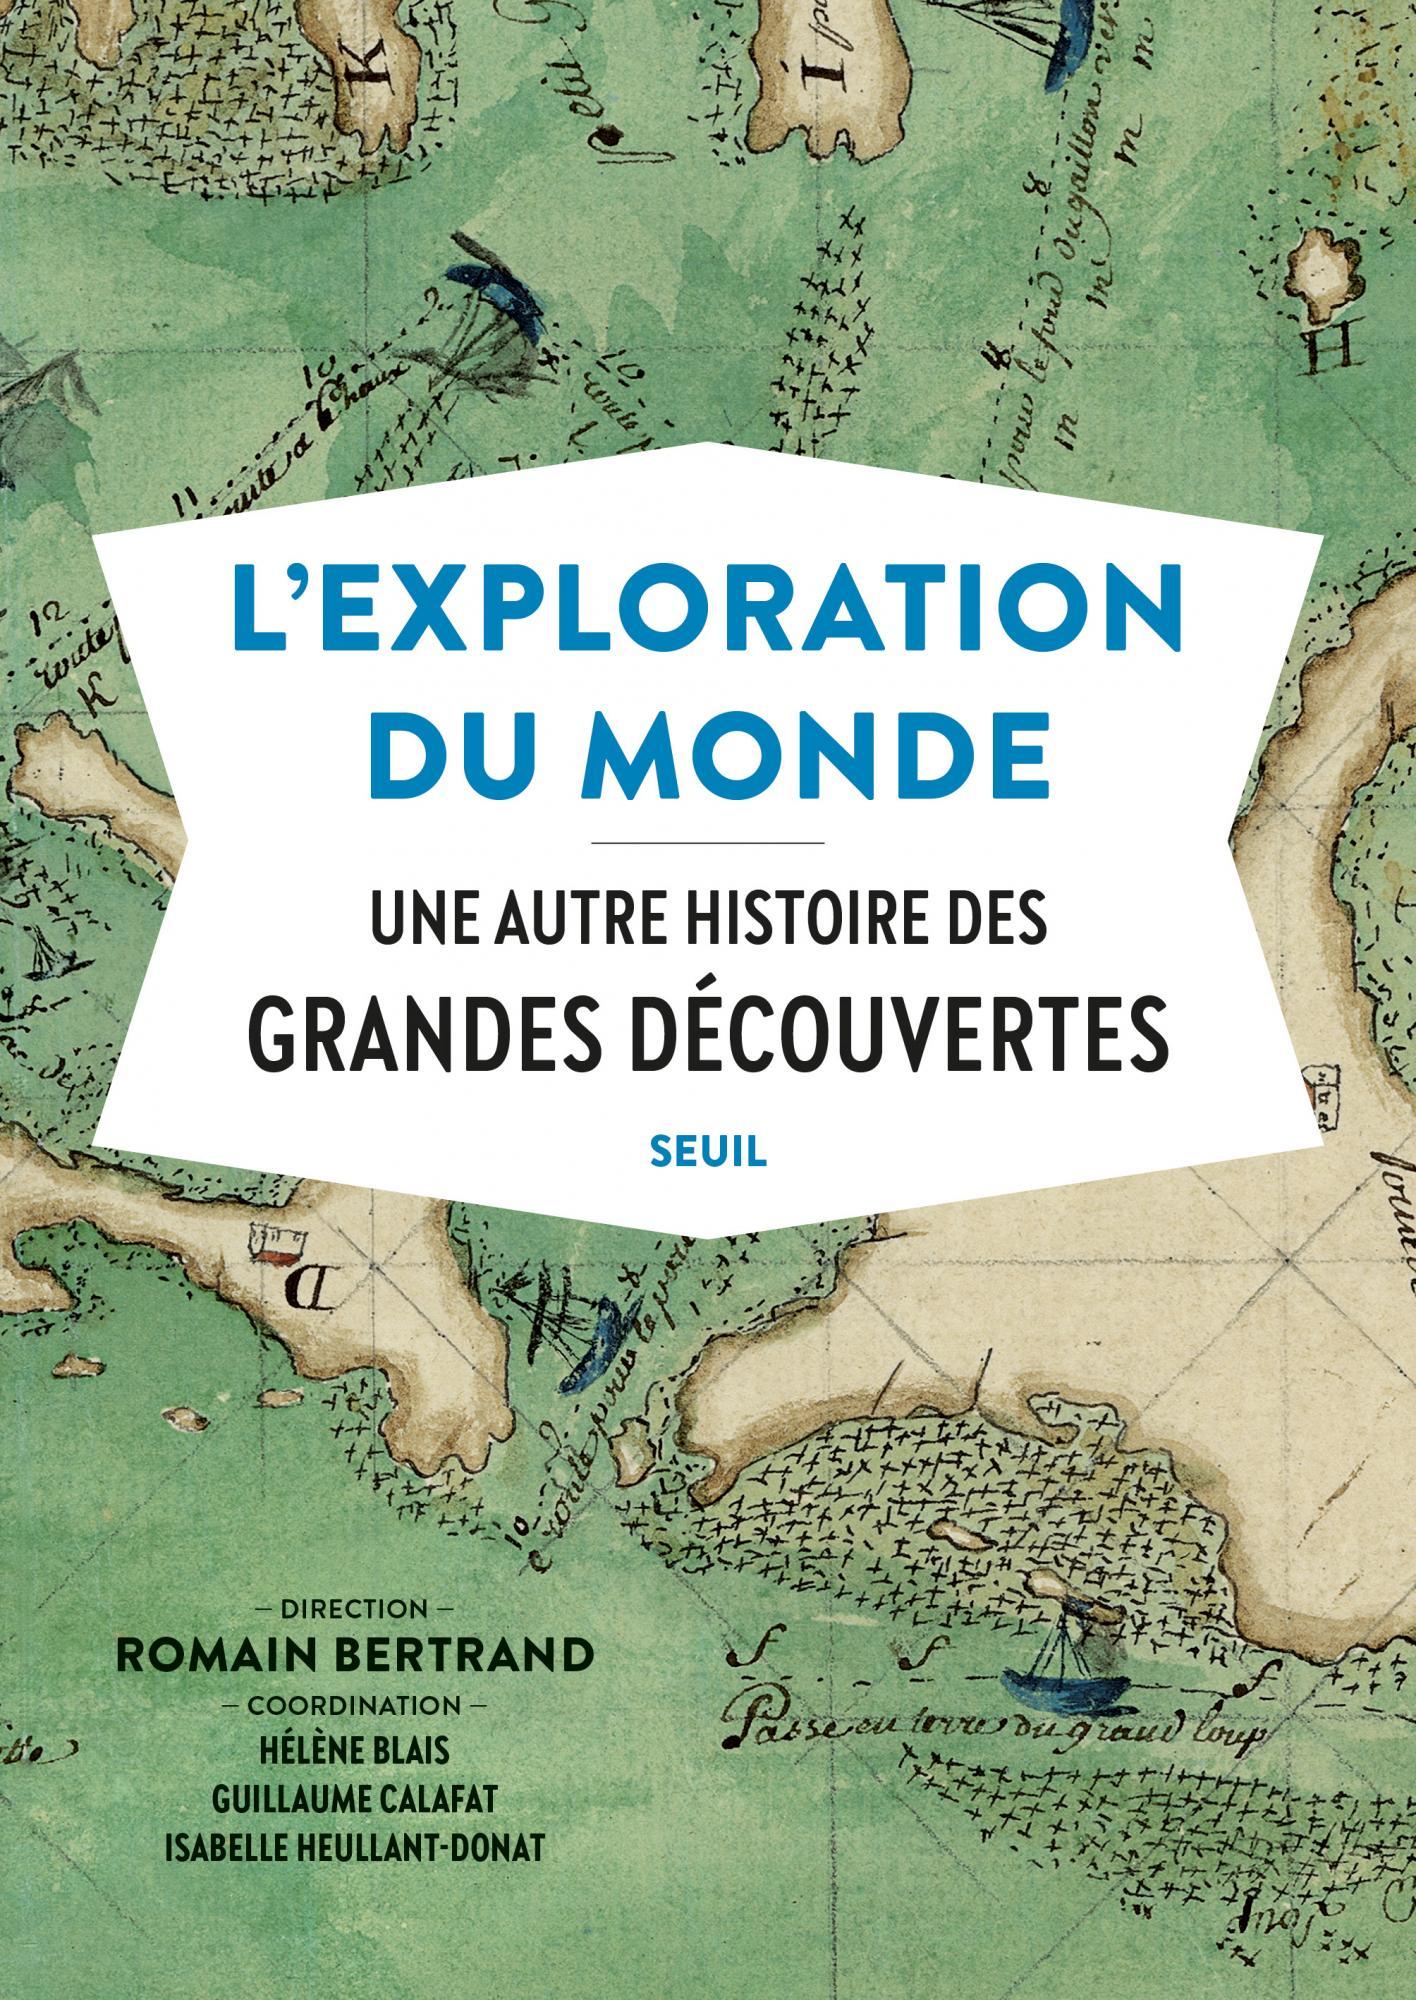 R. Bertrand, H. Blais (dir.), L'Exploration du monde. Une autre histoire des grandes découvertes